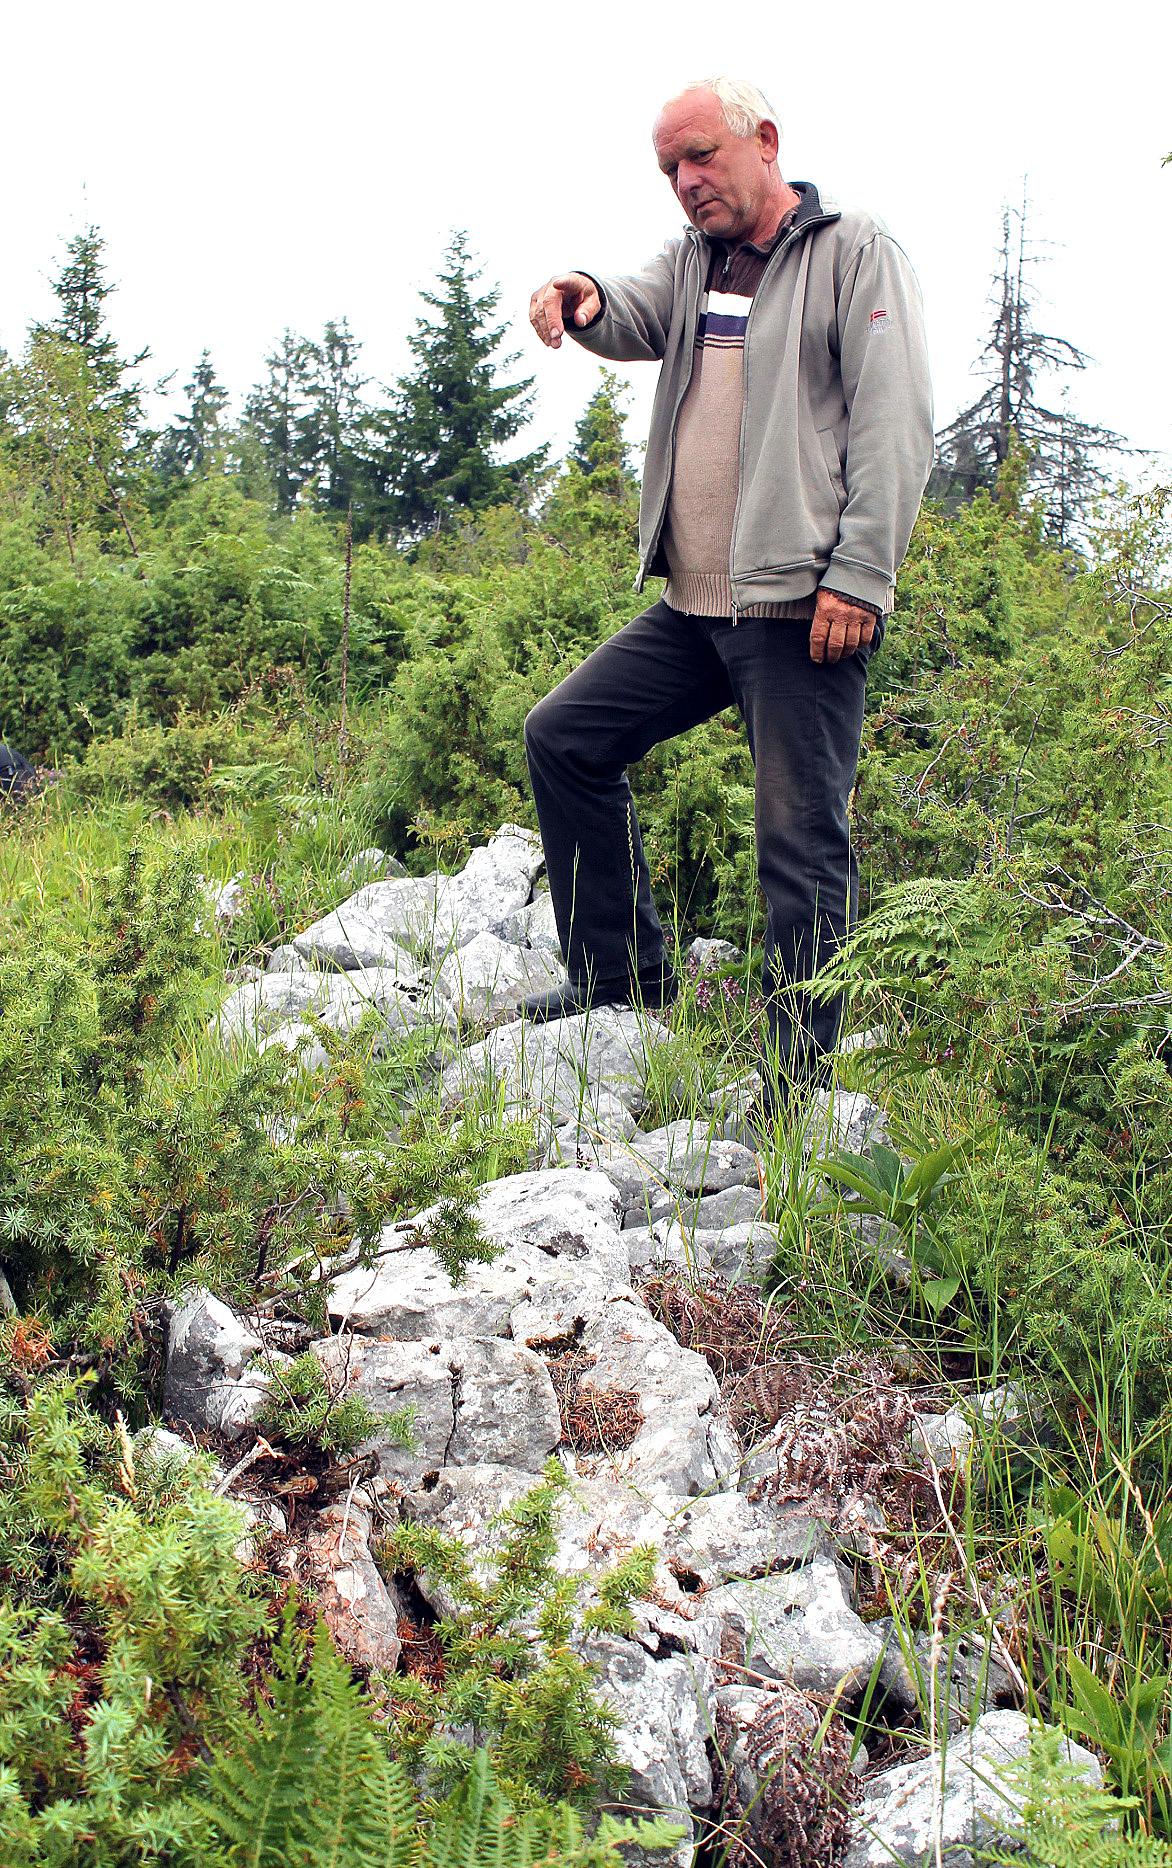 Булдожер је, коначно, спојио два Трудова - Остаци каменог зида на српско-турској граници 3 Ostaci kamenog zida na srpsko-turskoj granici.jpg